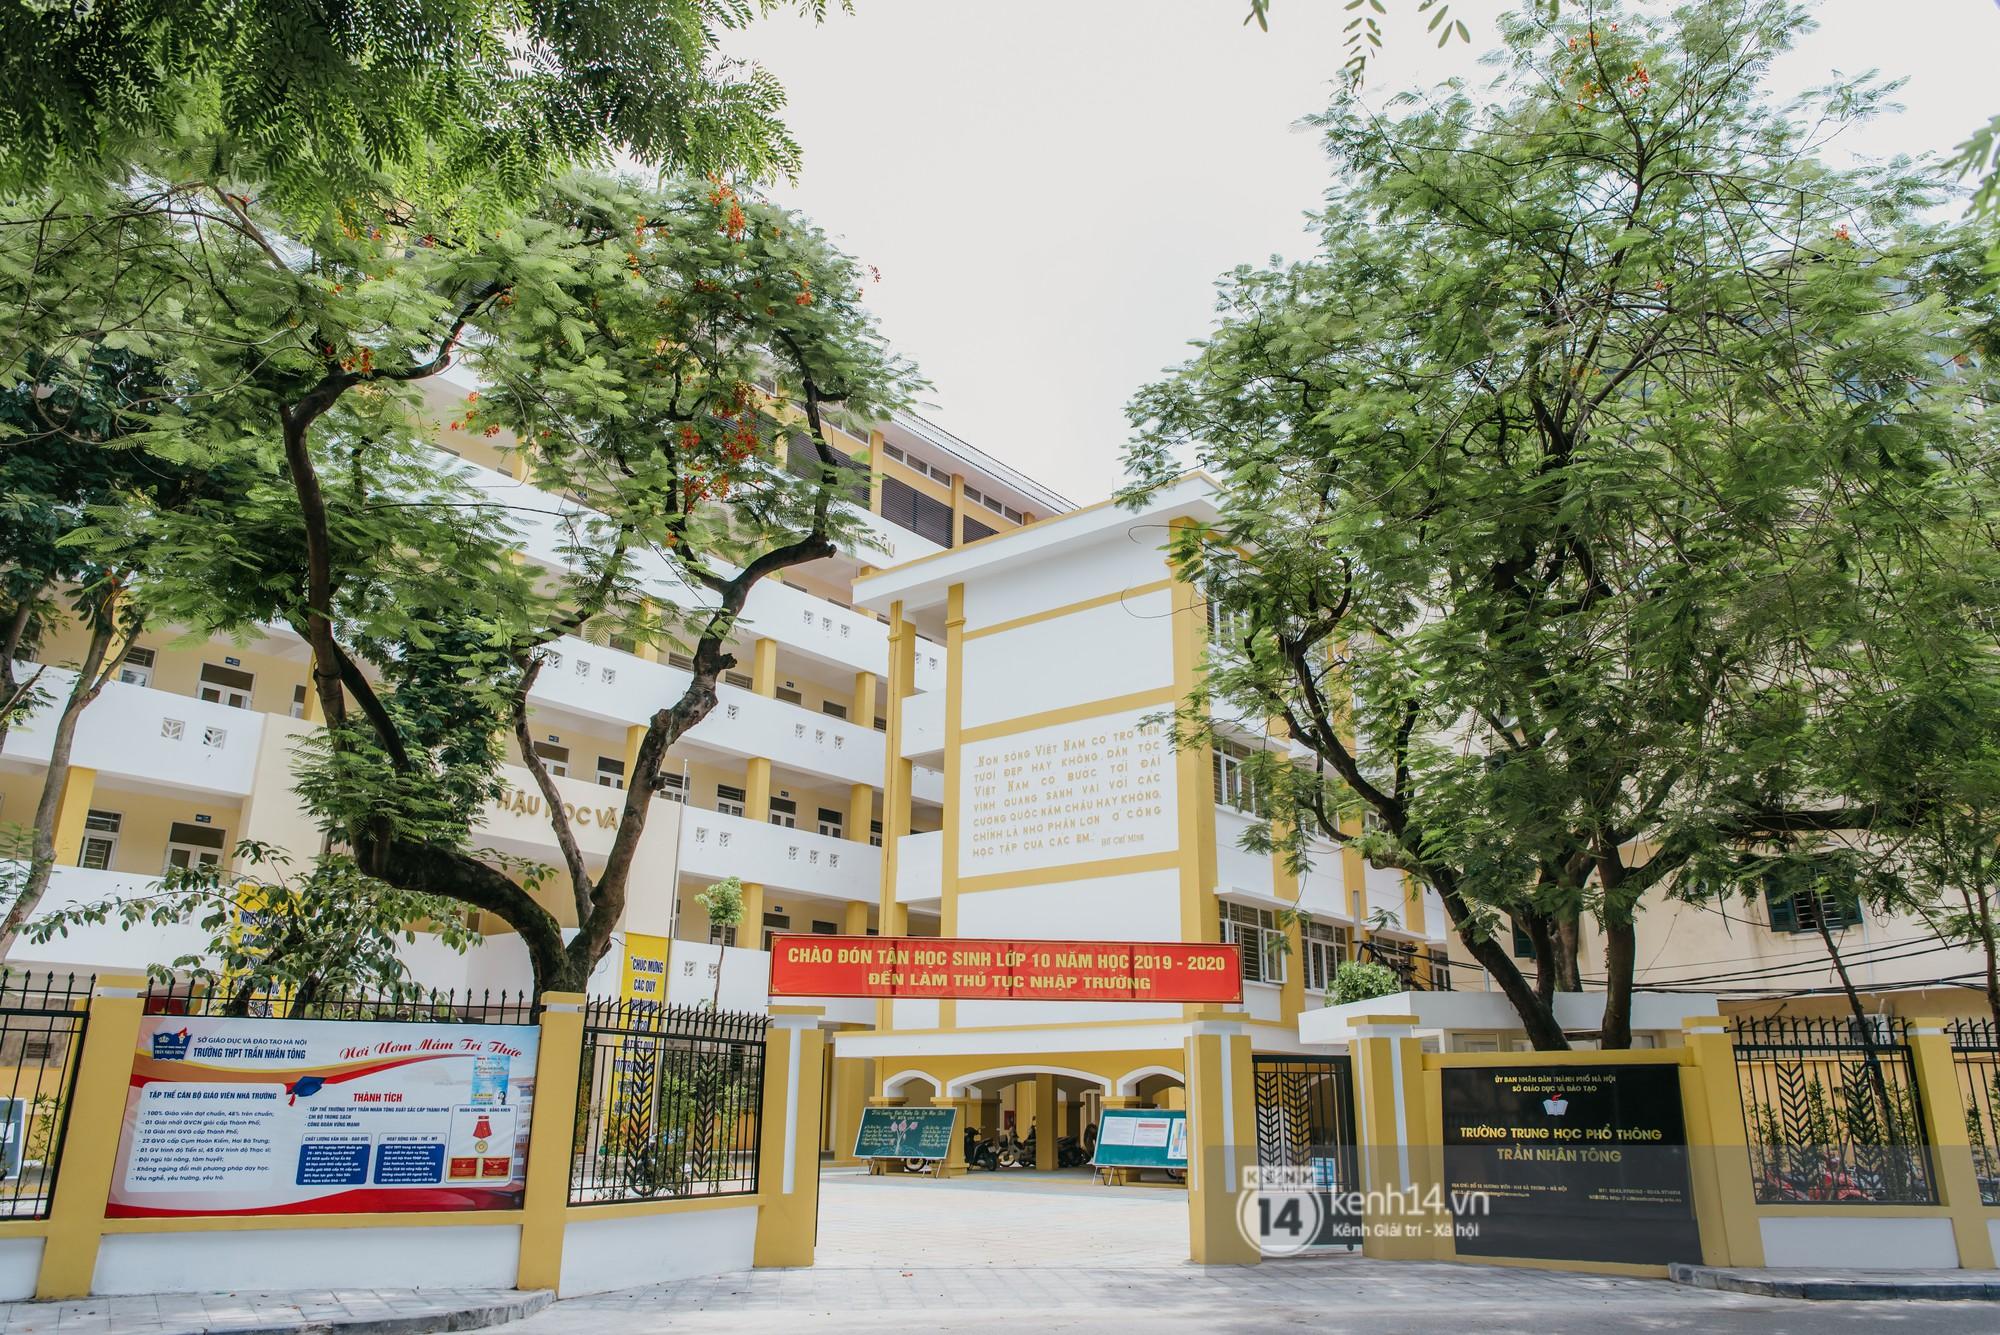 Xuất hiện ngôi trường cấp 3 công lập cao nhất Hà Nội, siêu đẹp và hiện đại với vô vàn góc sống ảo xịn sò - Ảnh 10.